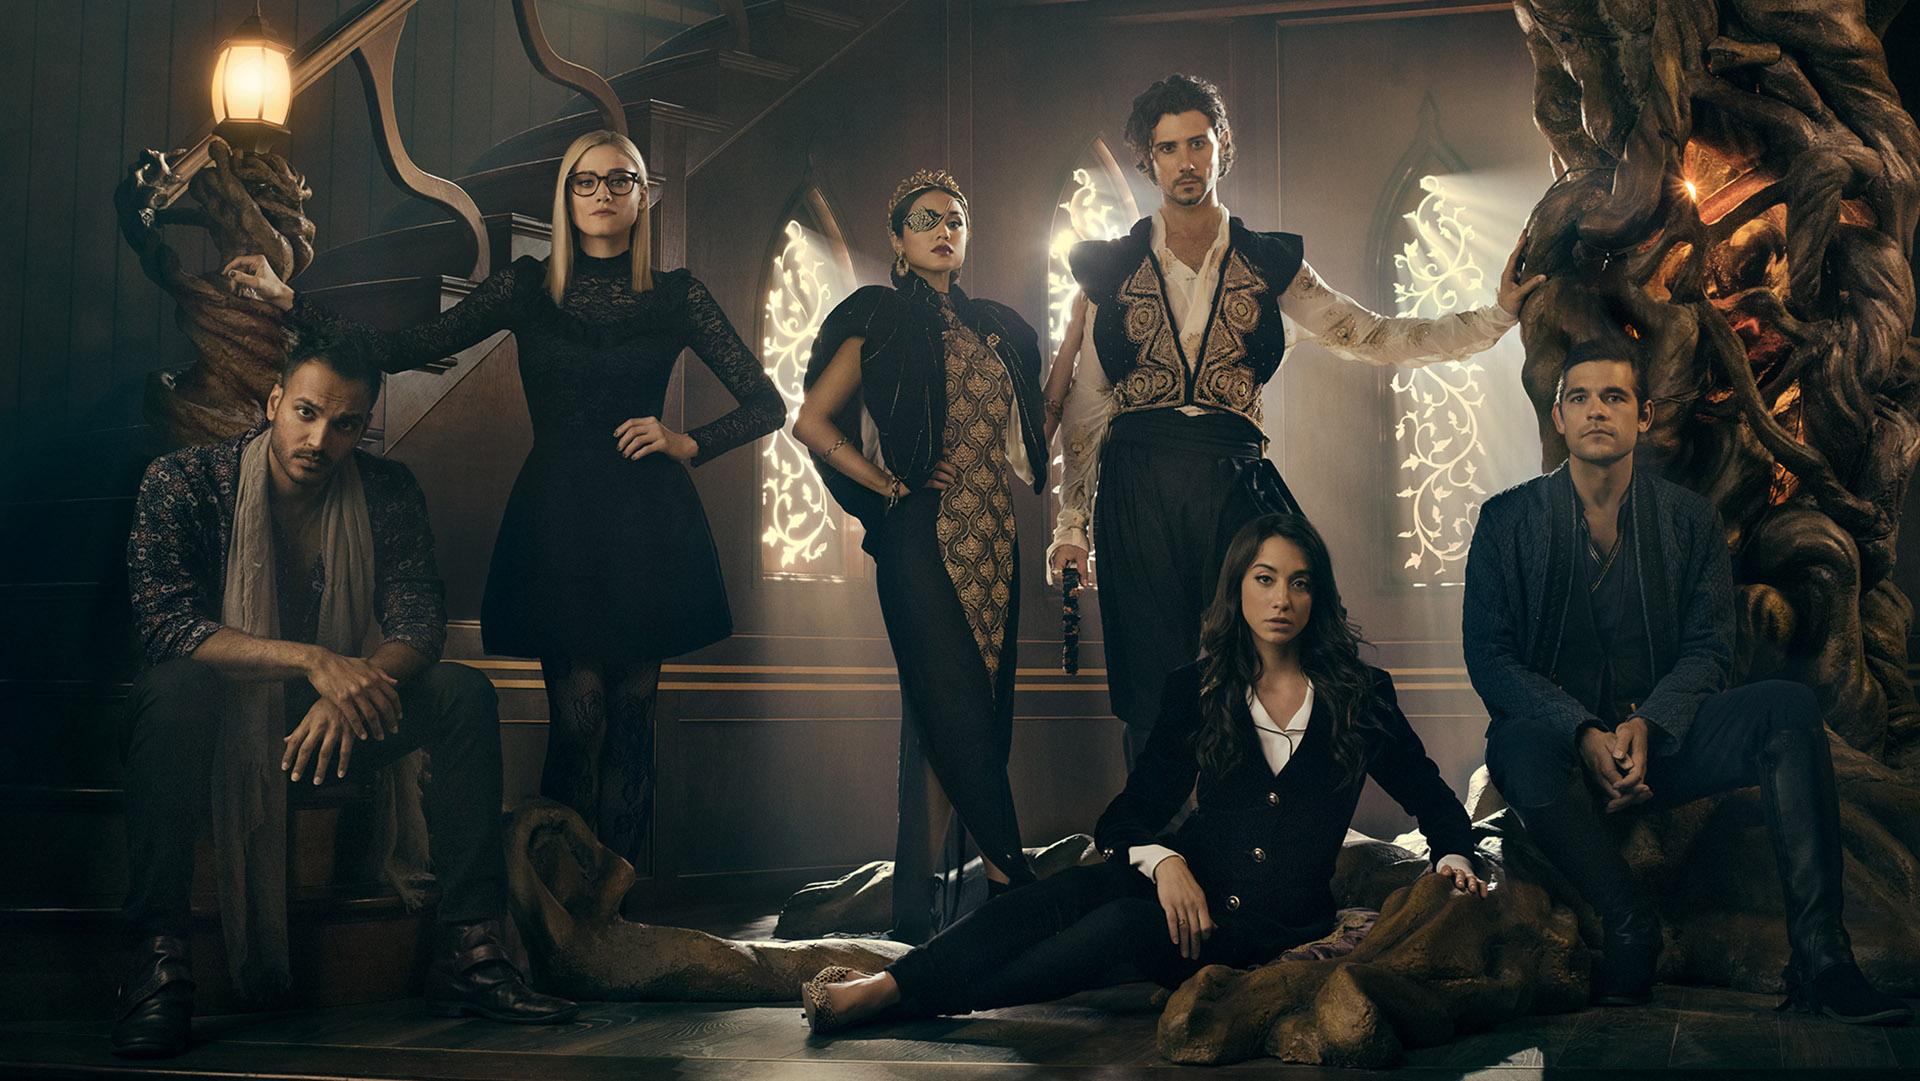 Seriefavoritter på HBO Nordic